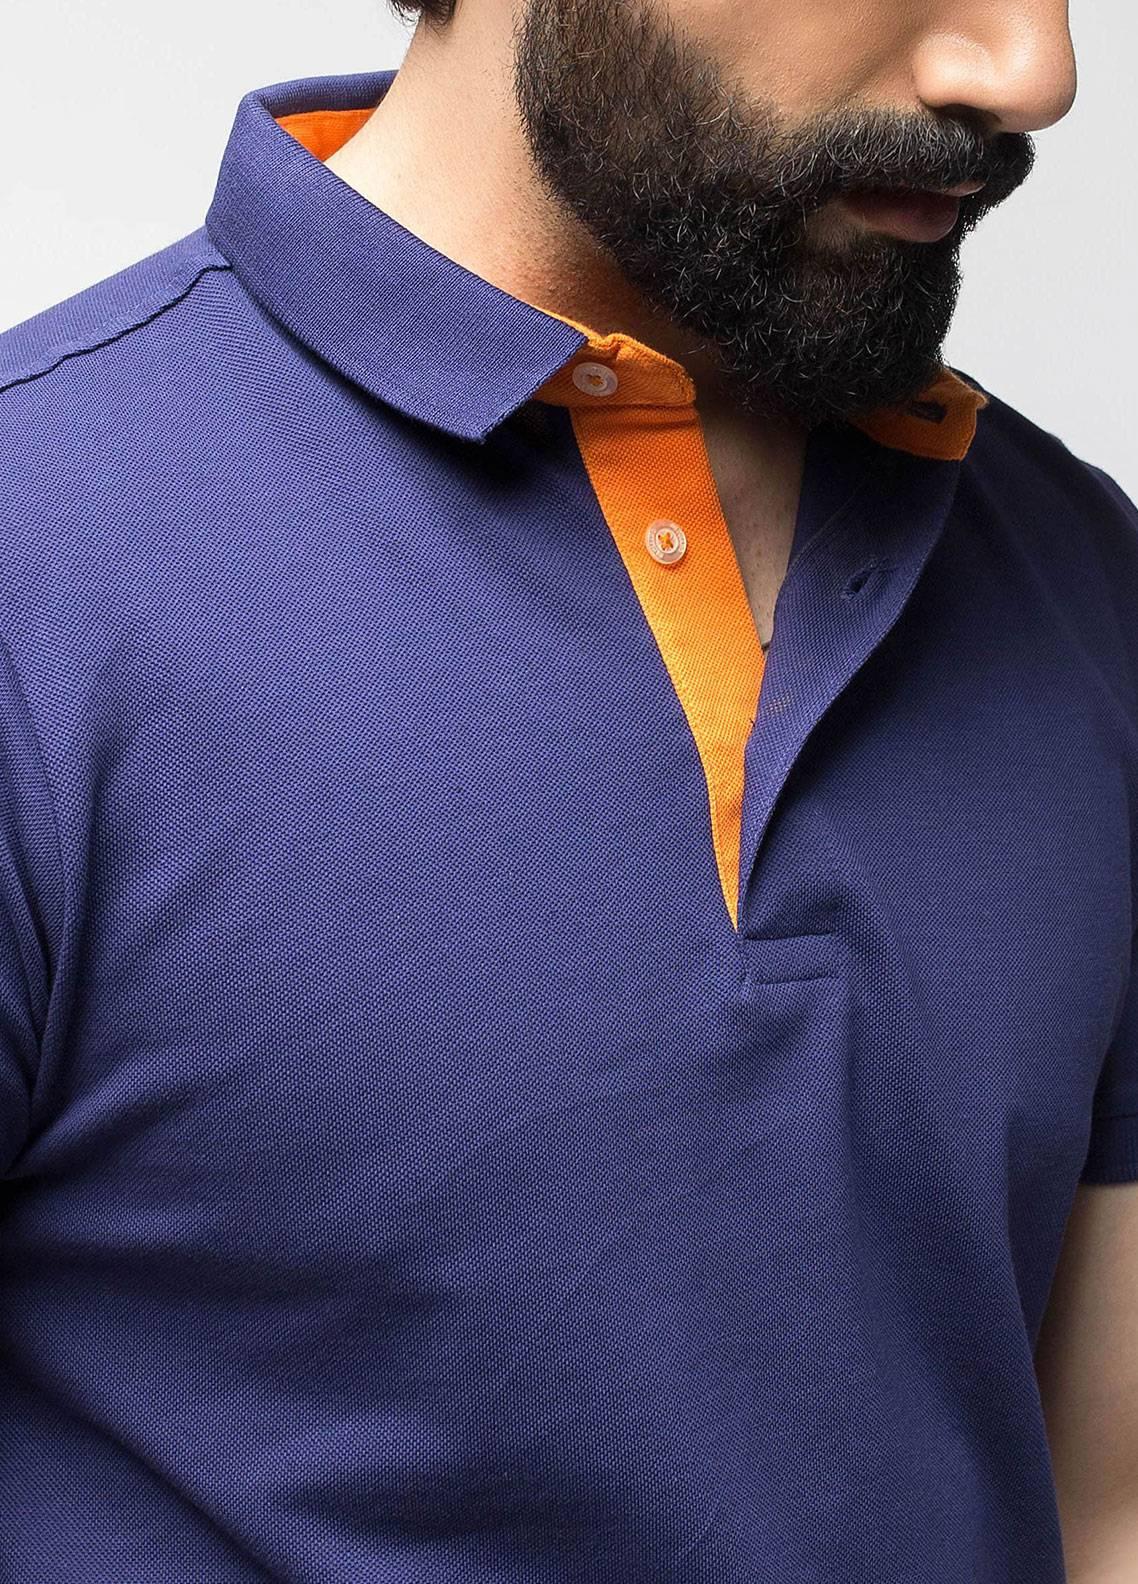 Brumano Cotton Polo Men Shirts - Navy Blue BRM-44-350